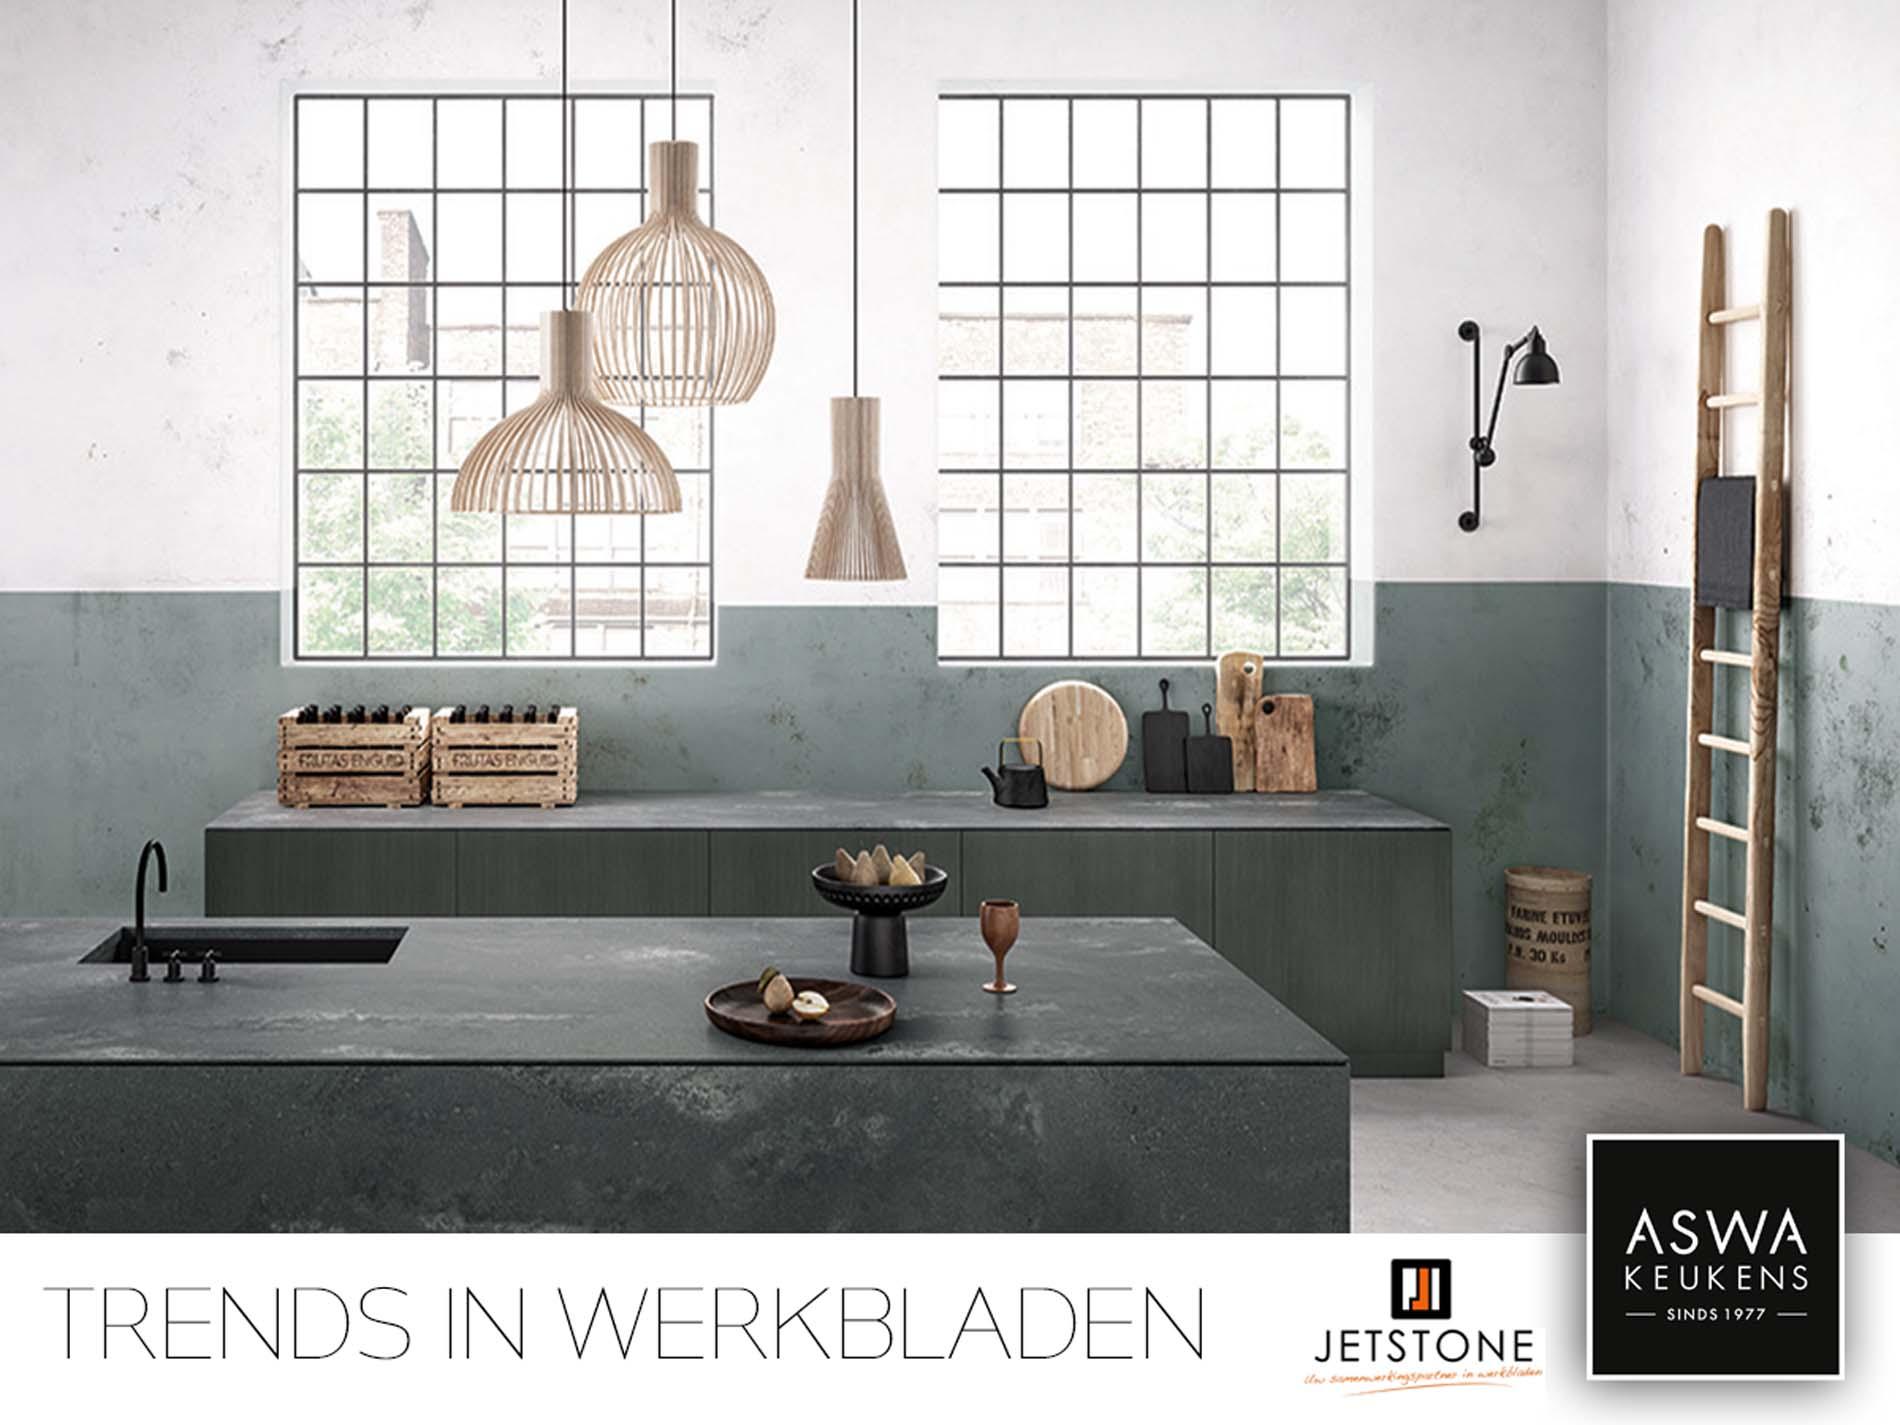 Trends in keuken werkbladen - Keuken Inspiratie Jetstone keukenwerkblad